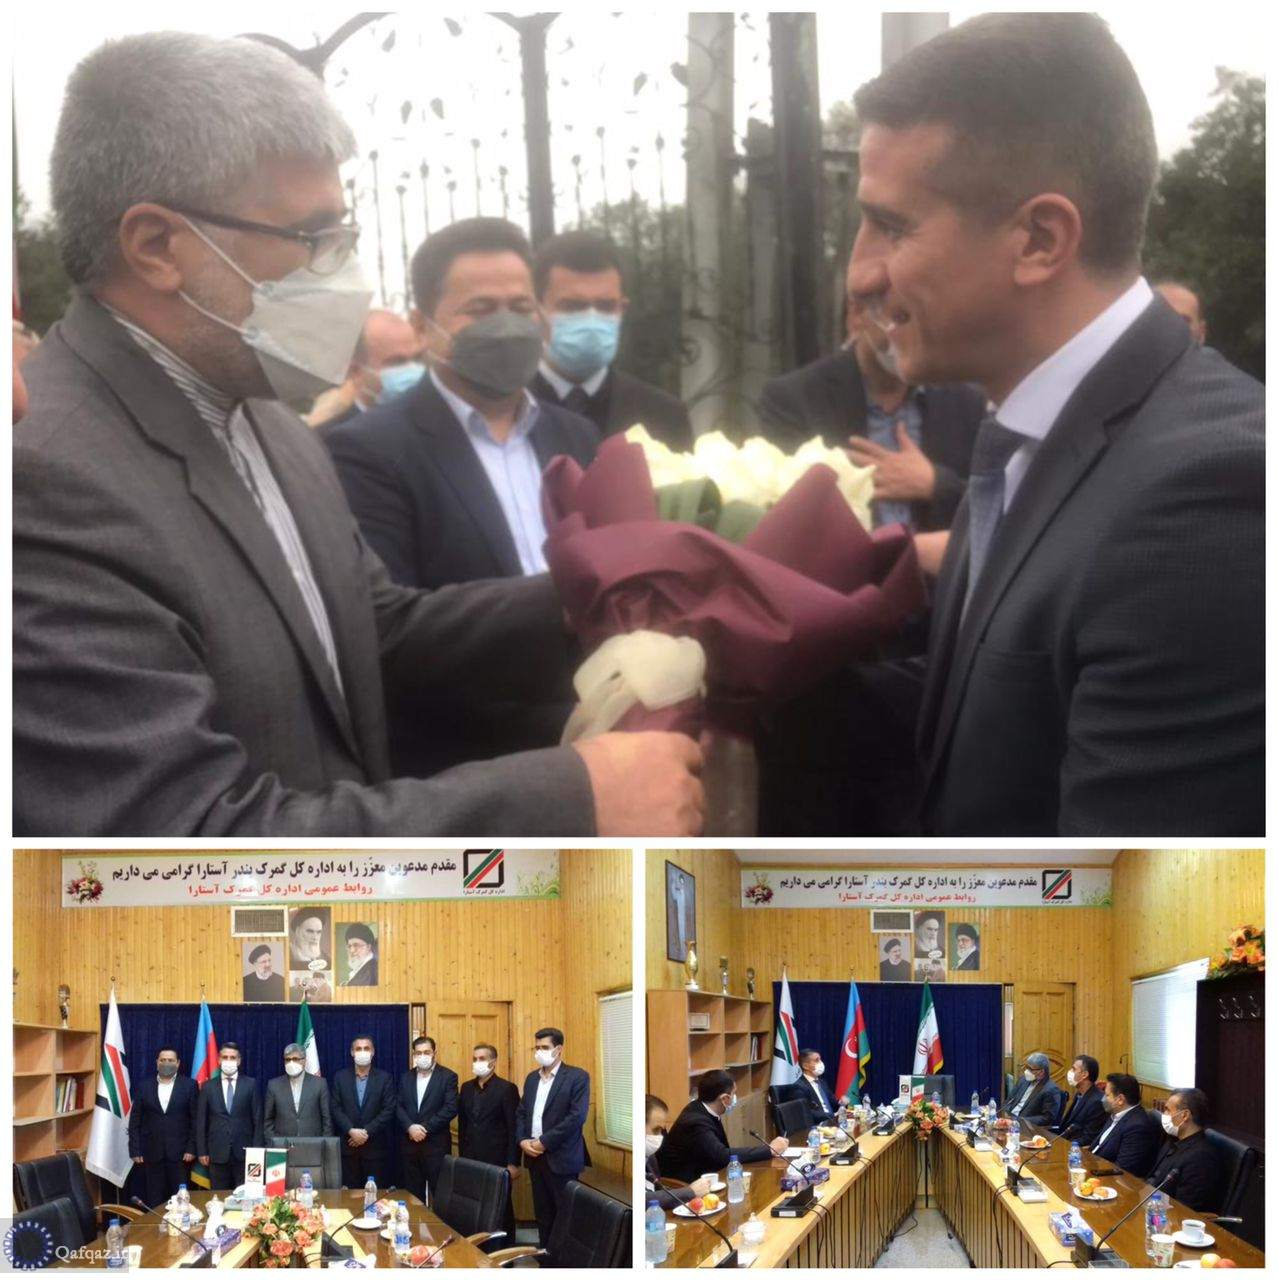 مناسبات اقتصادی و تجاری اردبیل با جمهوری آذربایجان گسترش مییابد